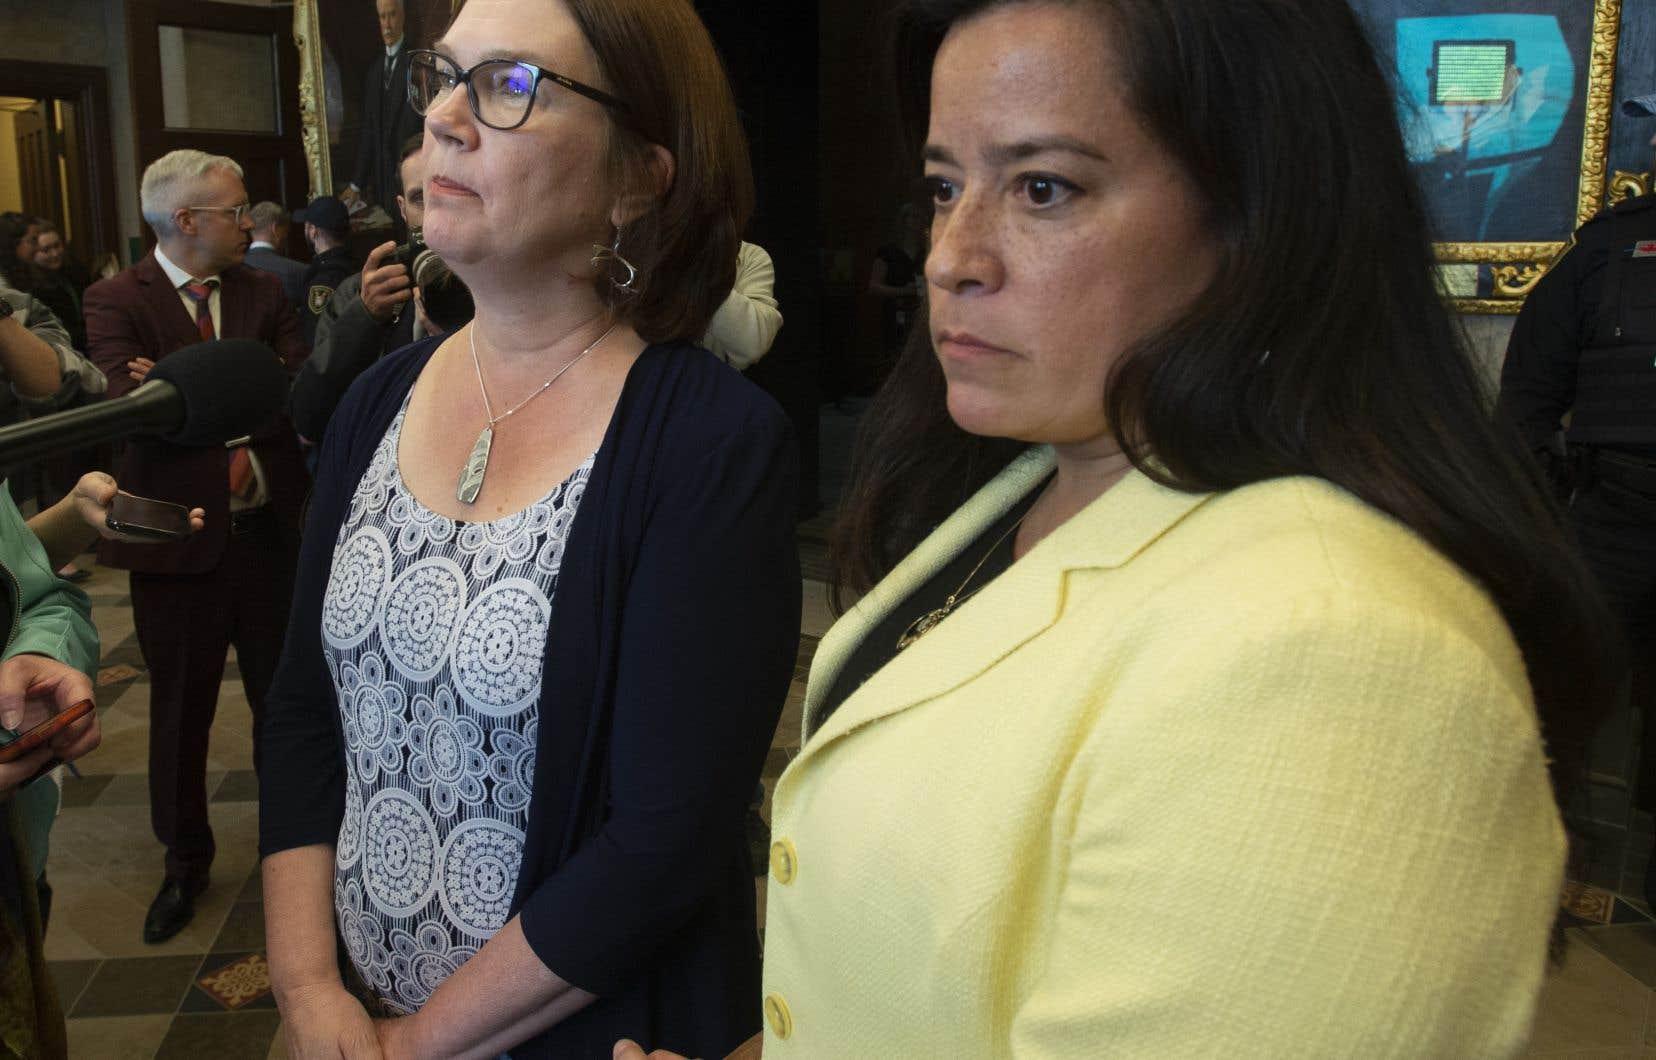 MmesWilson-Raybould et Philpott, côte à côte devant les microphones de la colline du Parlement, ont exprimé mercredi leur déception — qui était déjà gravée sur leur visage.